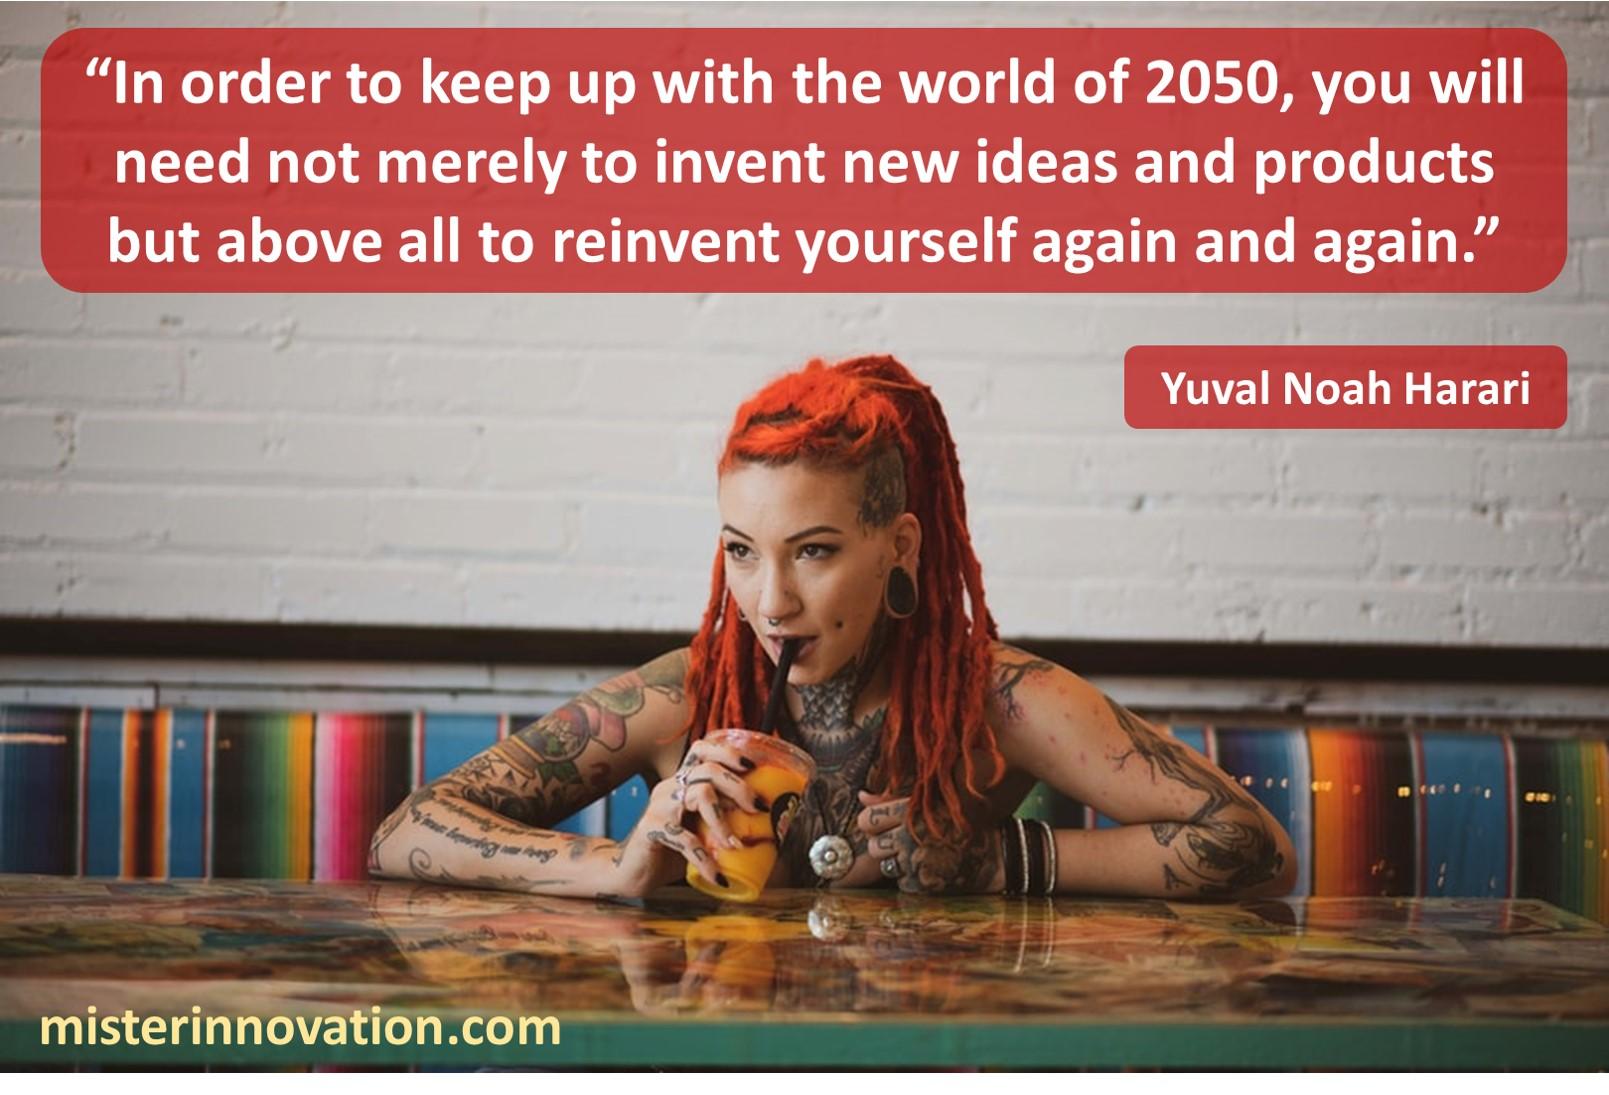 Yuval Noah Harari 2050